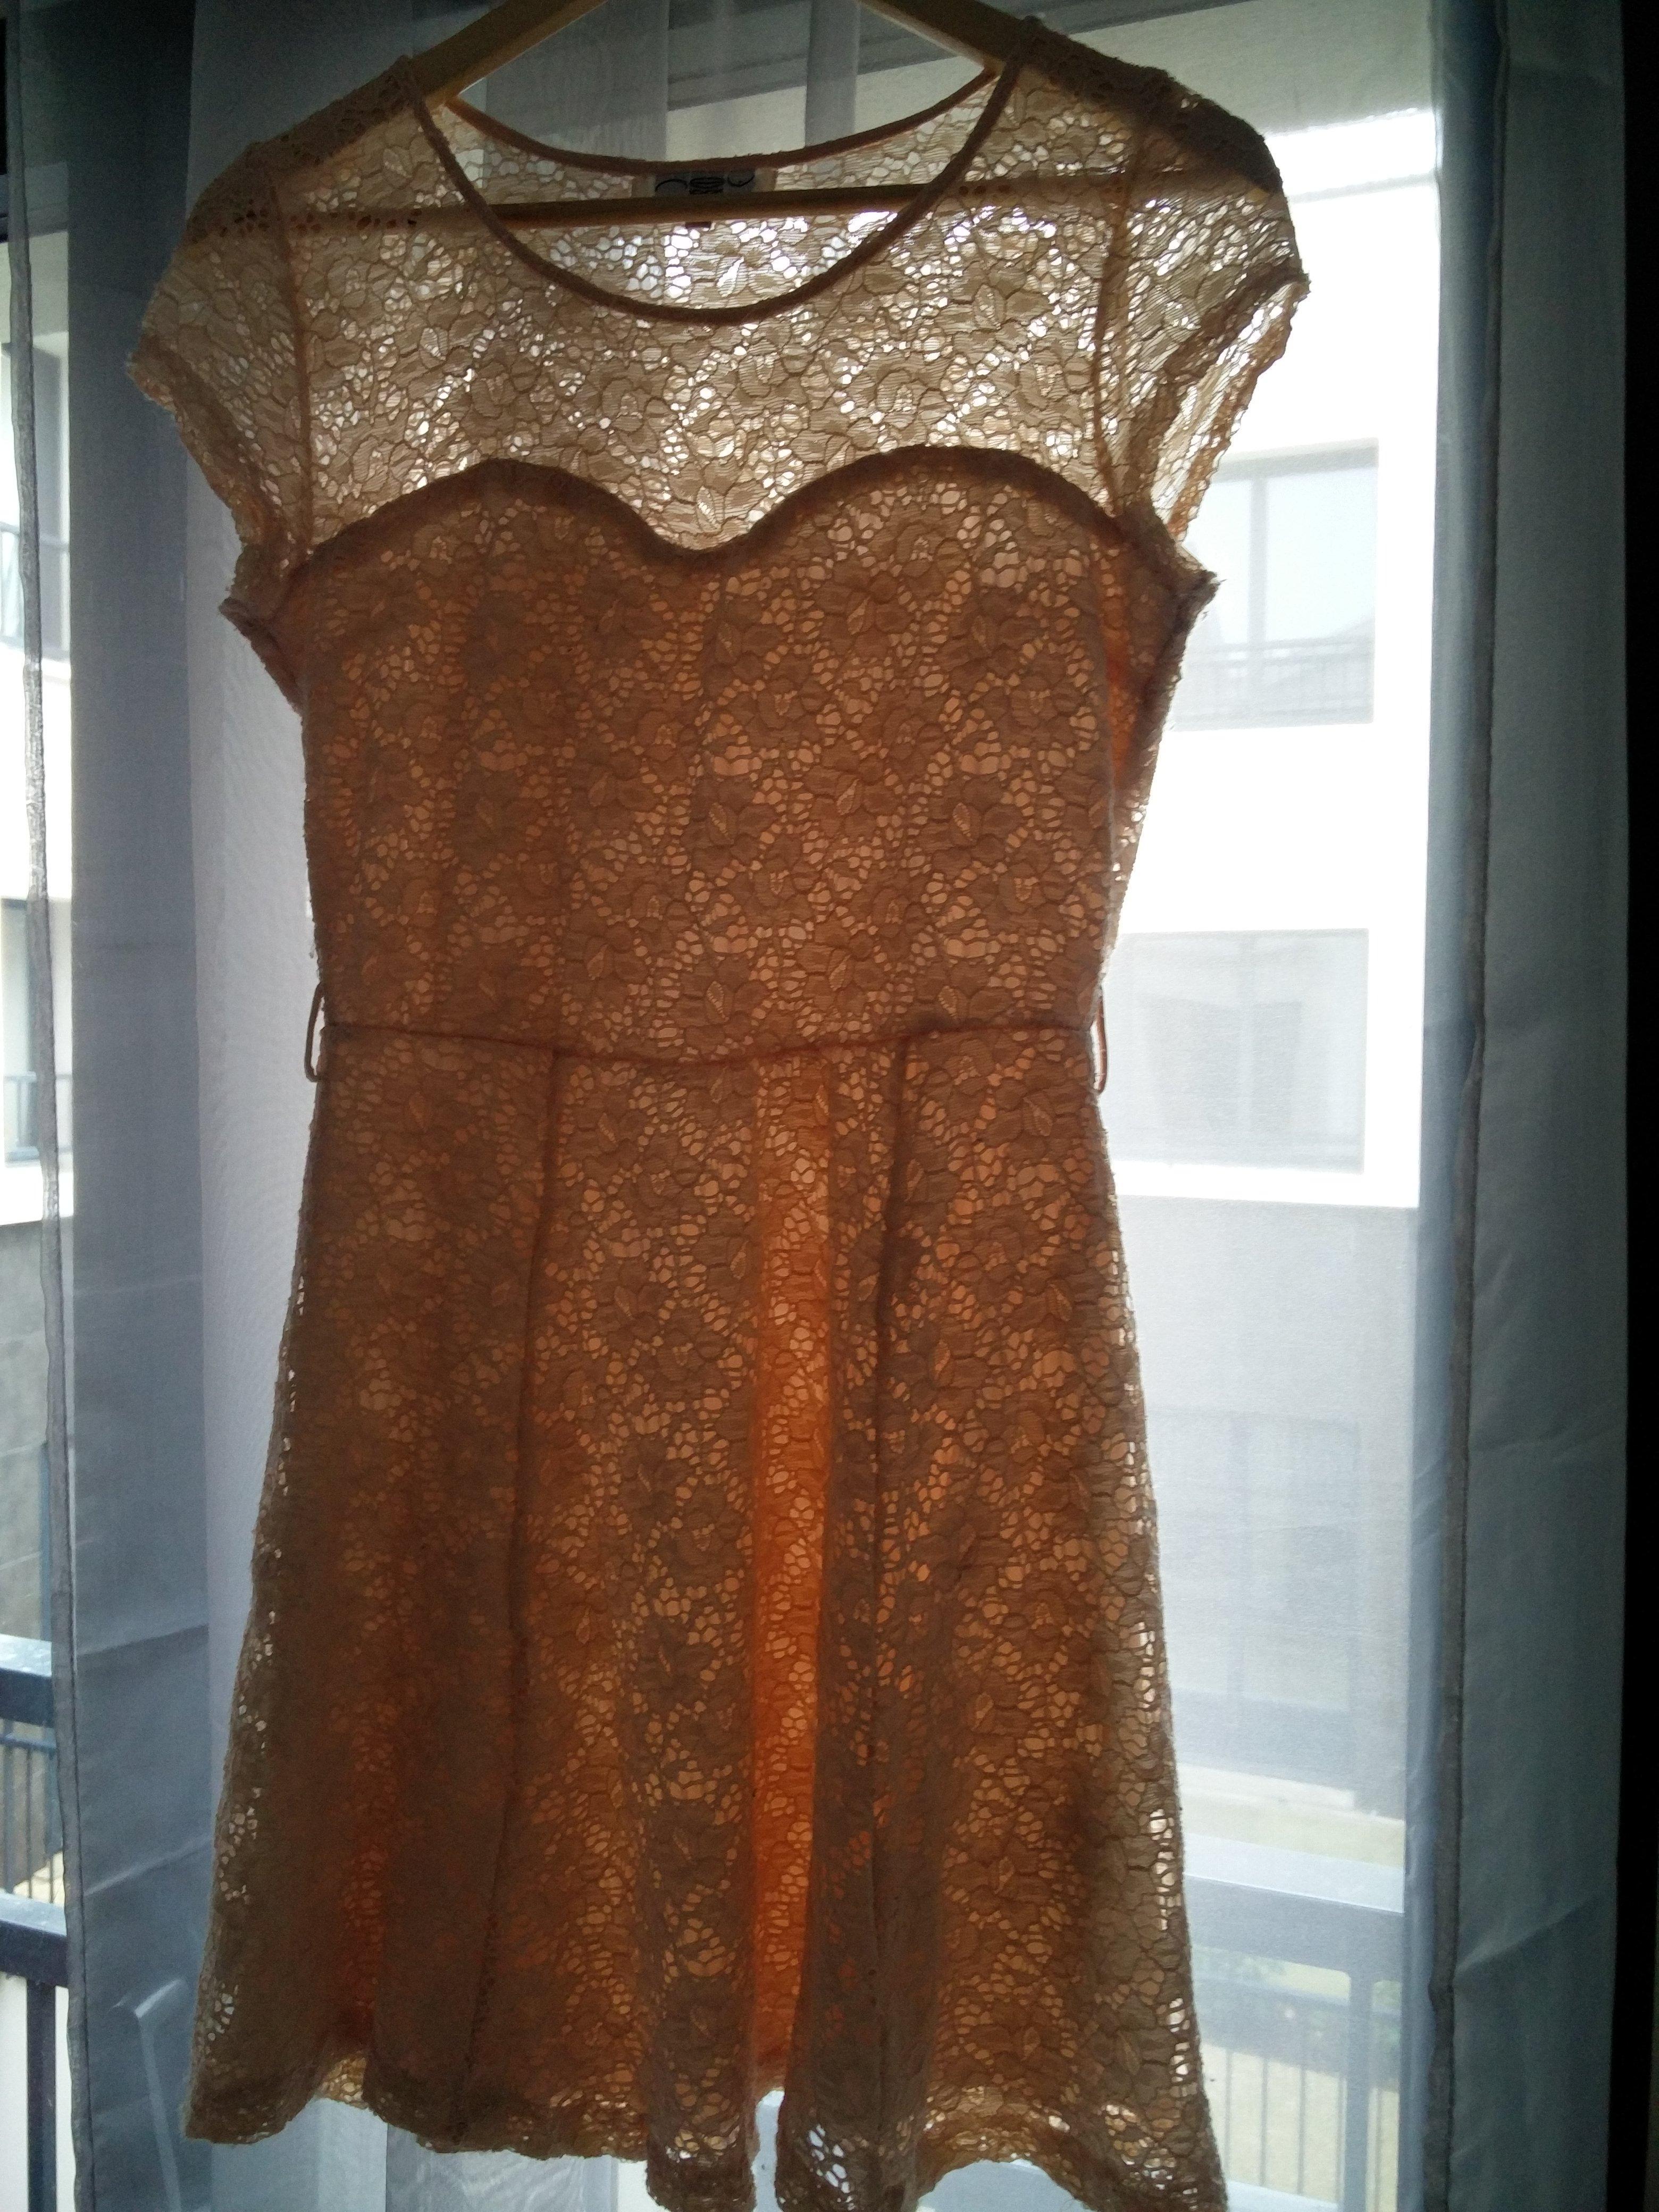 troc de troc robe dentelle rose beige newlook image 1